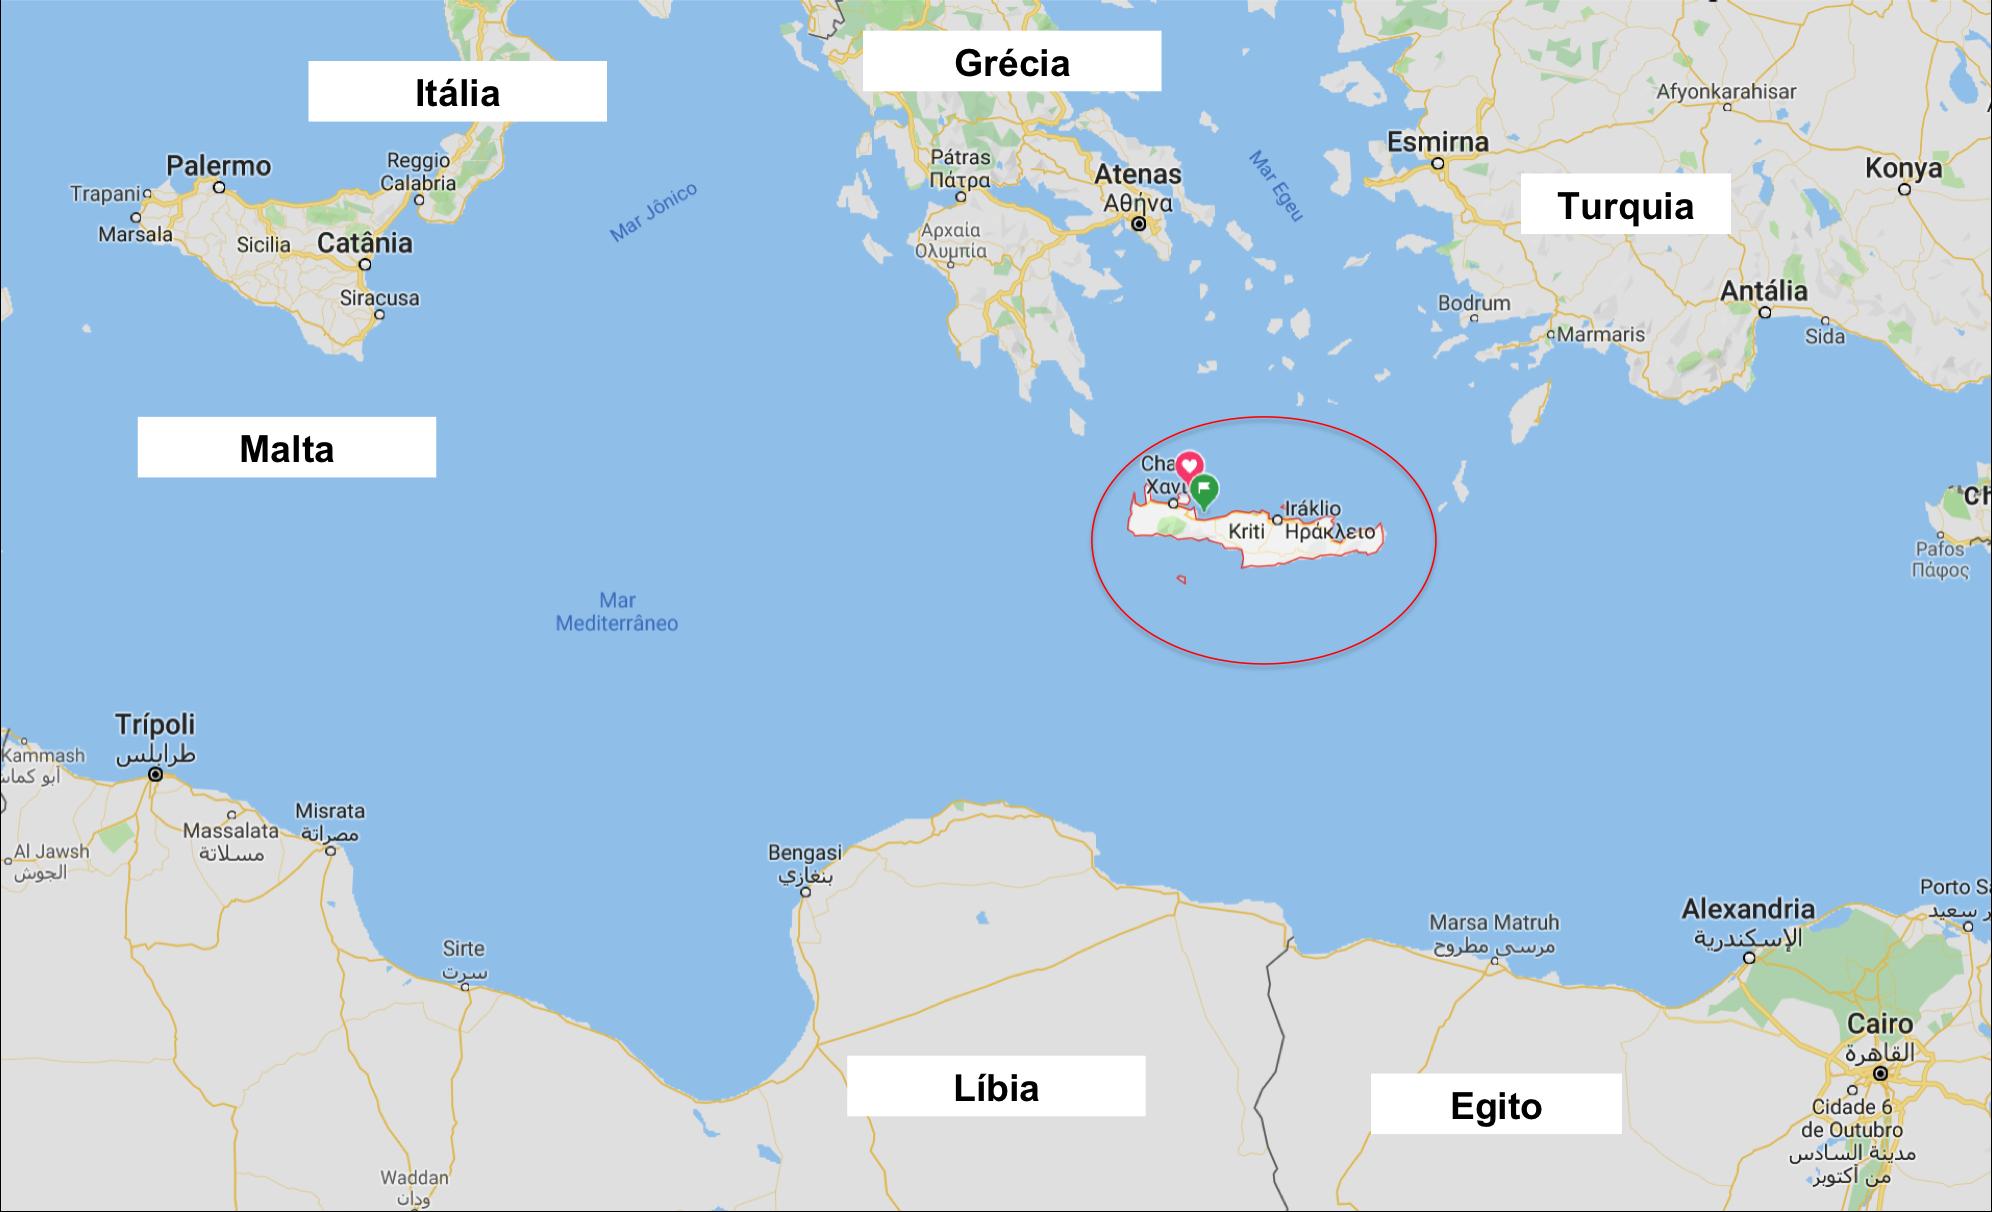 Localização de Creta no mapa - onde fica - Grécia